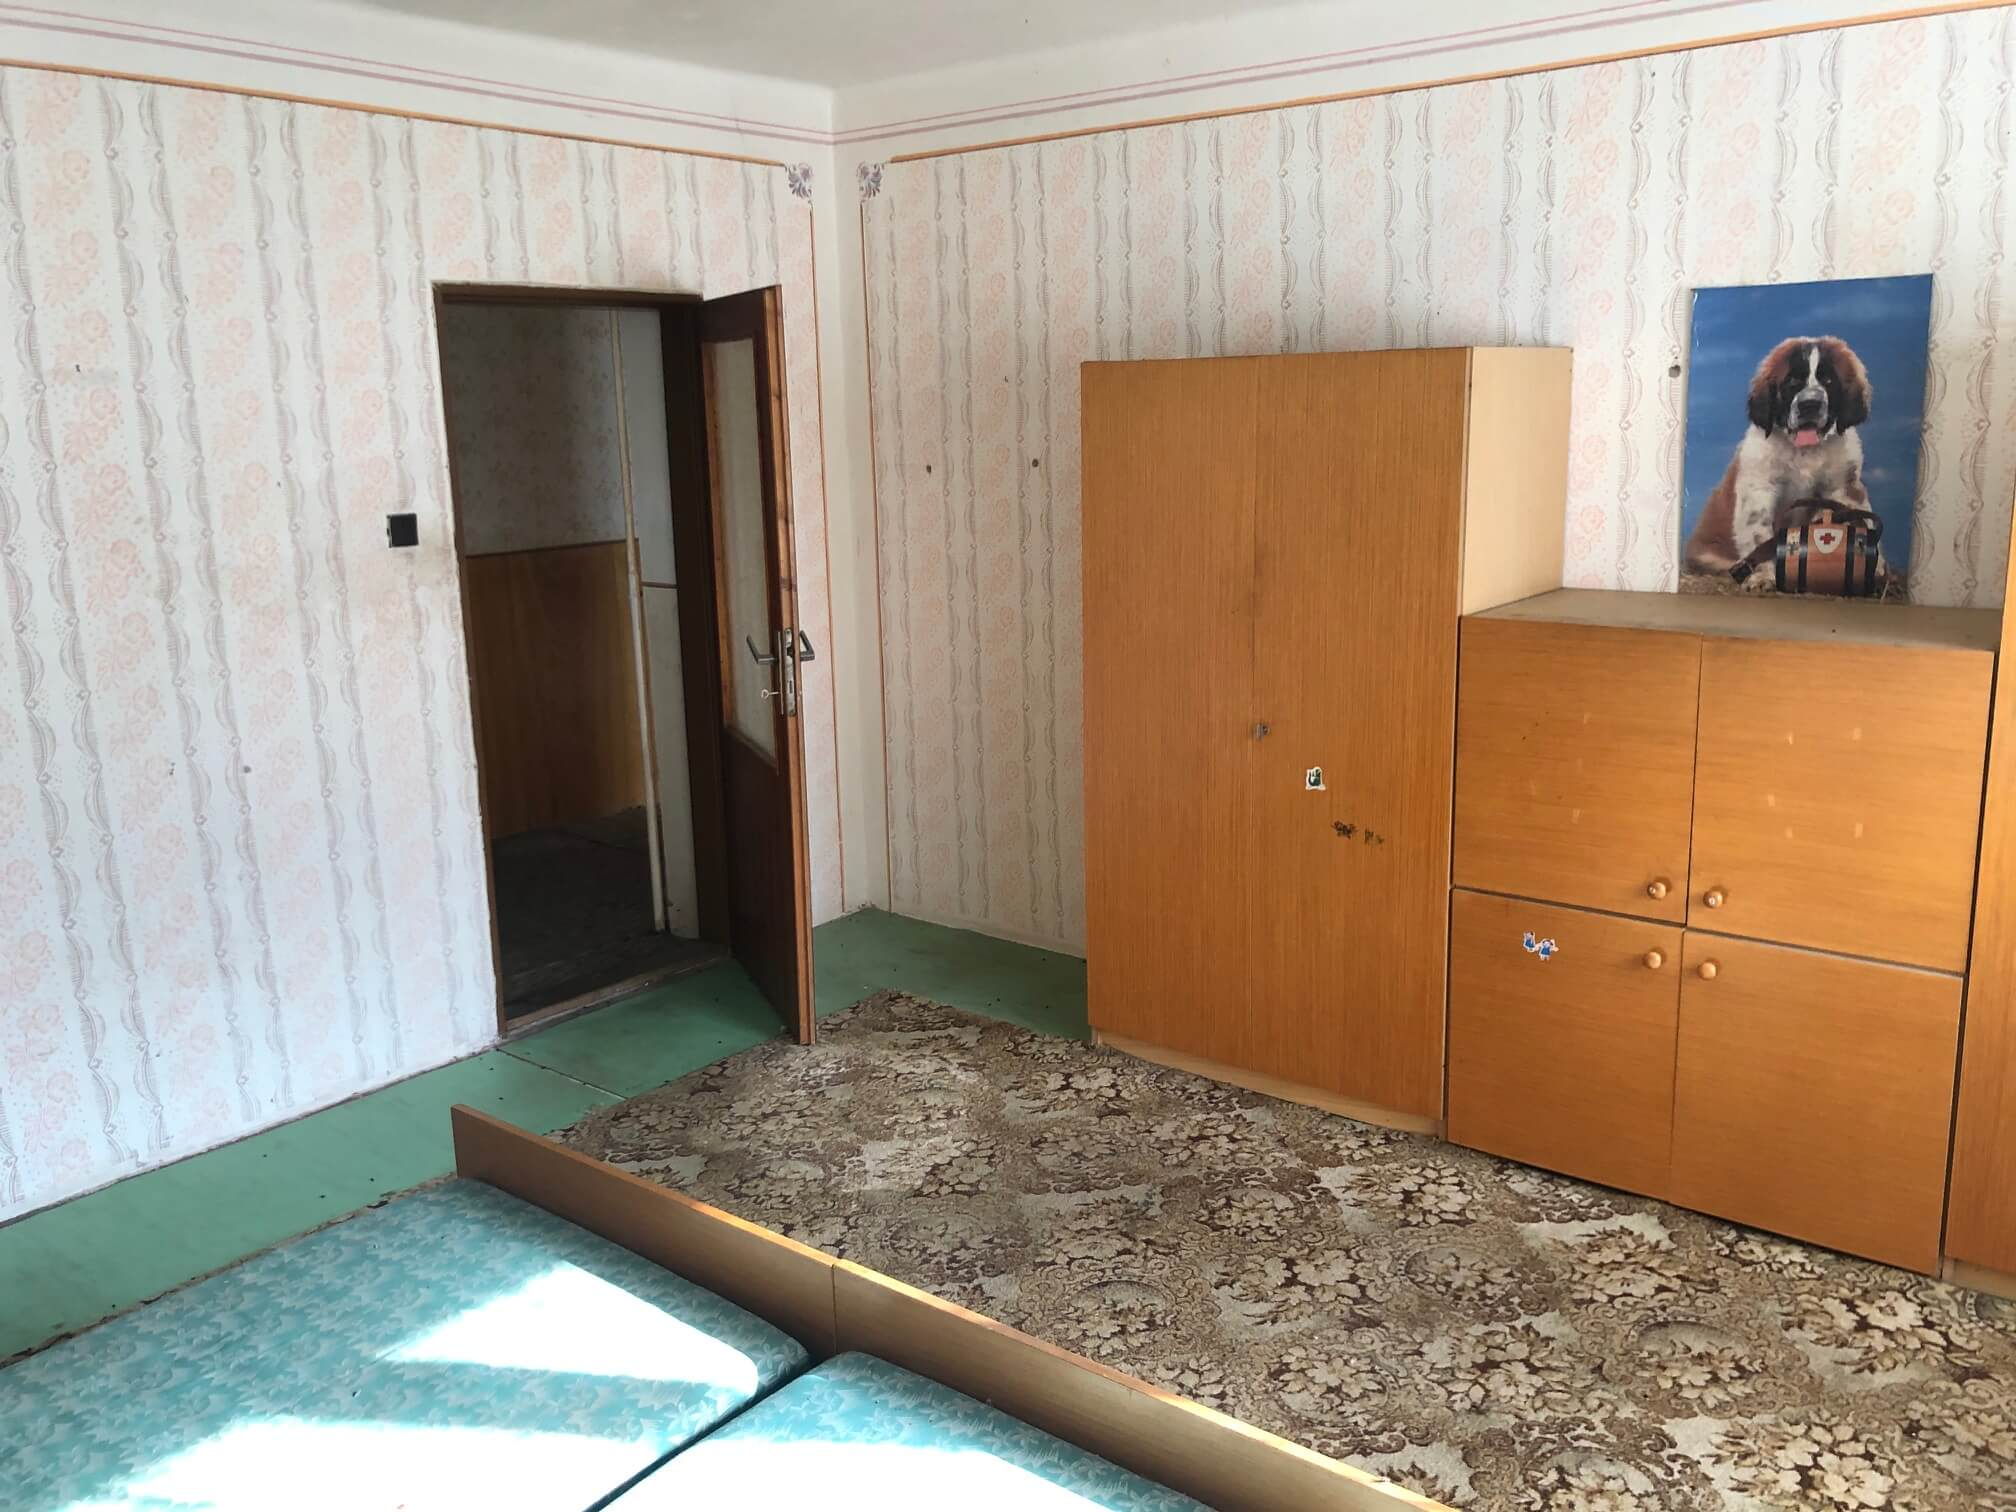 Prenajaté: Exkluzívne: Rodinný dom, 4 izbový, Šalgočka úžitková 140m2, podpivničenie 120m2, pozemok 1500m2-50